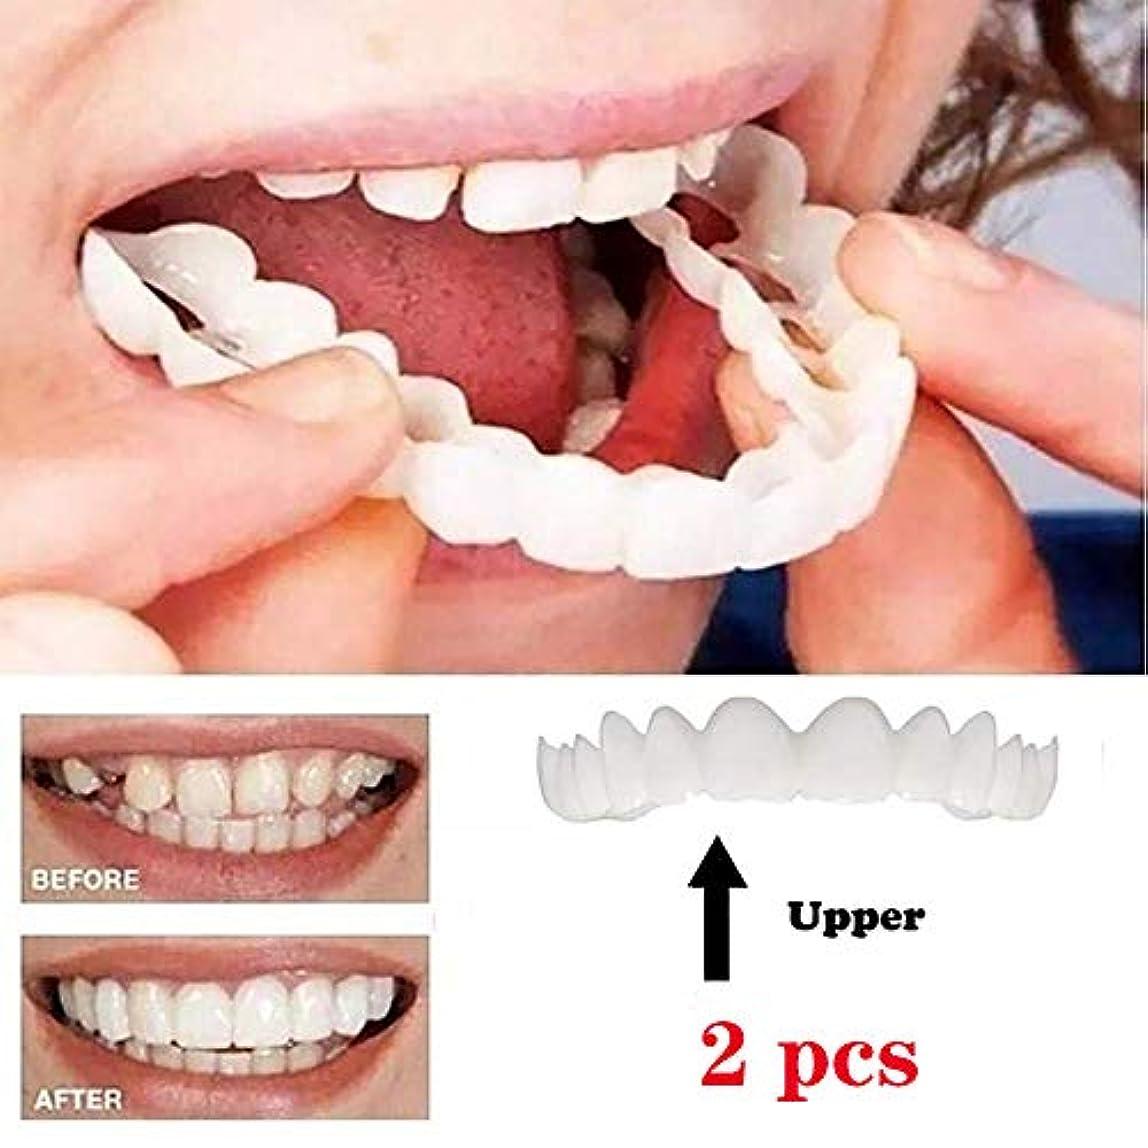 プロフィール勇者ファックス義歯歯科口腔ケア歯プラスチックホワイトニング義歯ワンサイズホワイトニング義歯シリコンアッパー偽歯カバーすべてにフィット(2個)